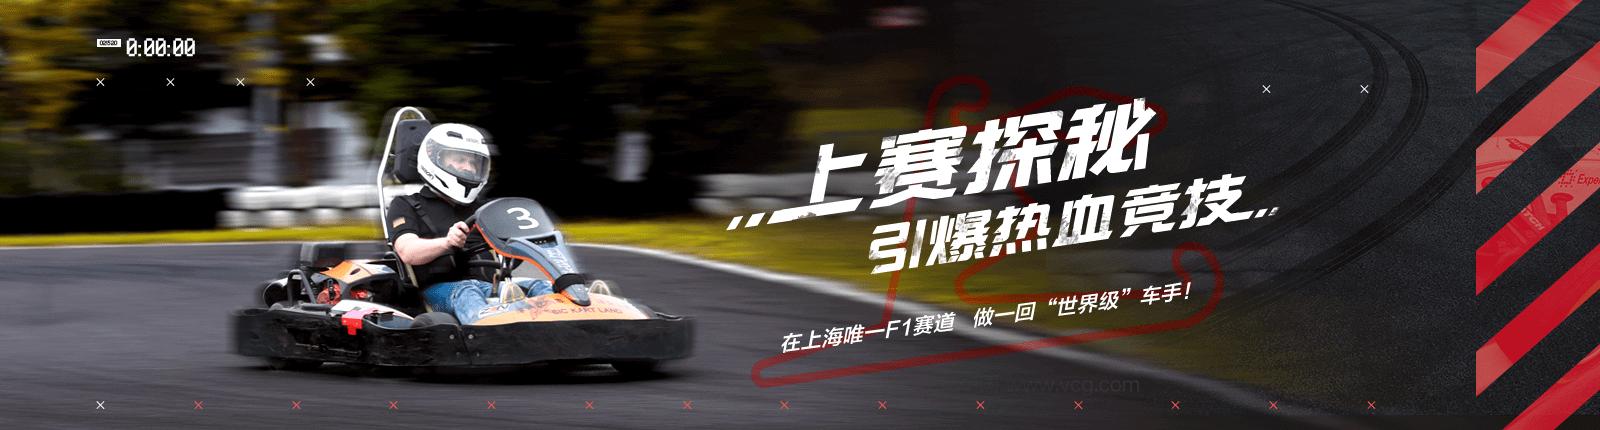 上海F1國際賽車場賽道探秘及卡丁車娛樂門票